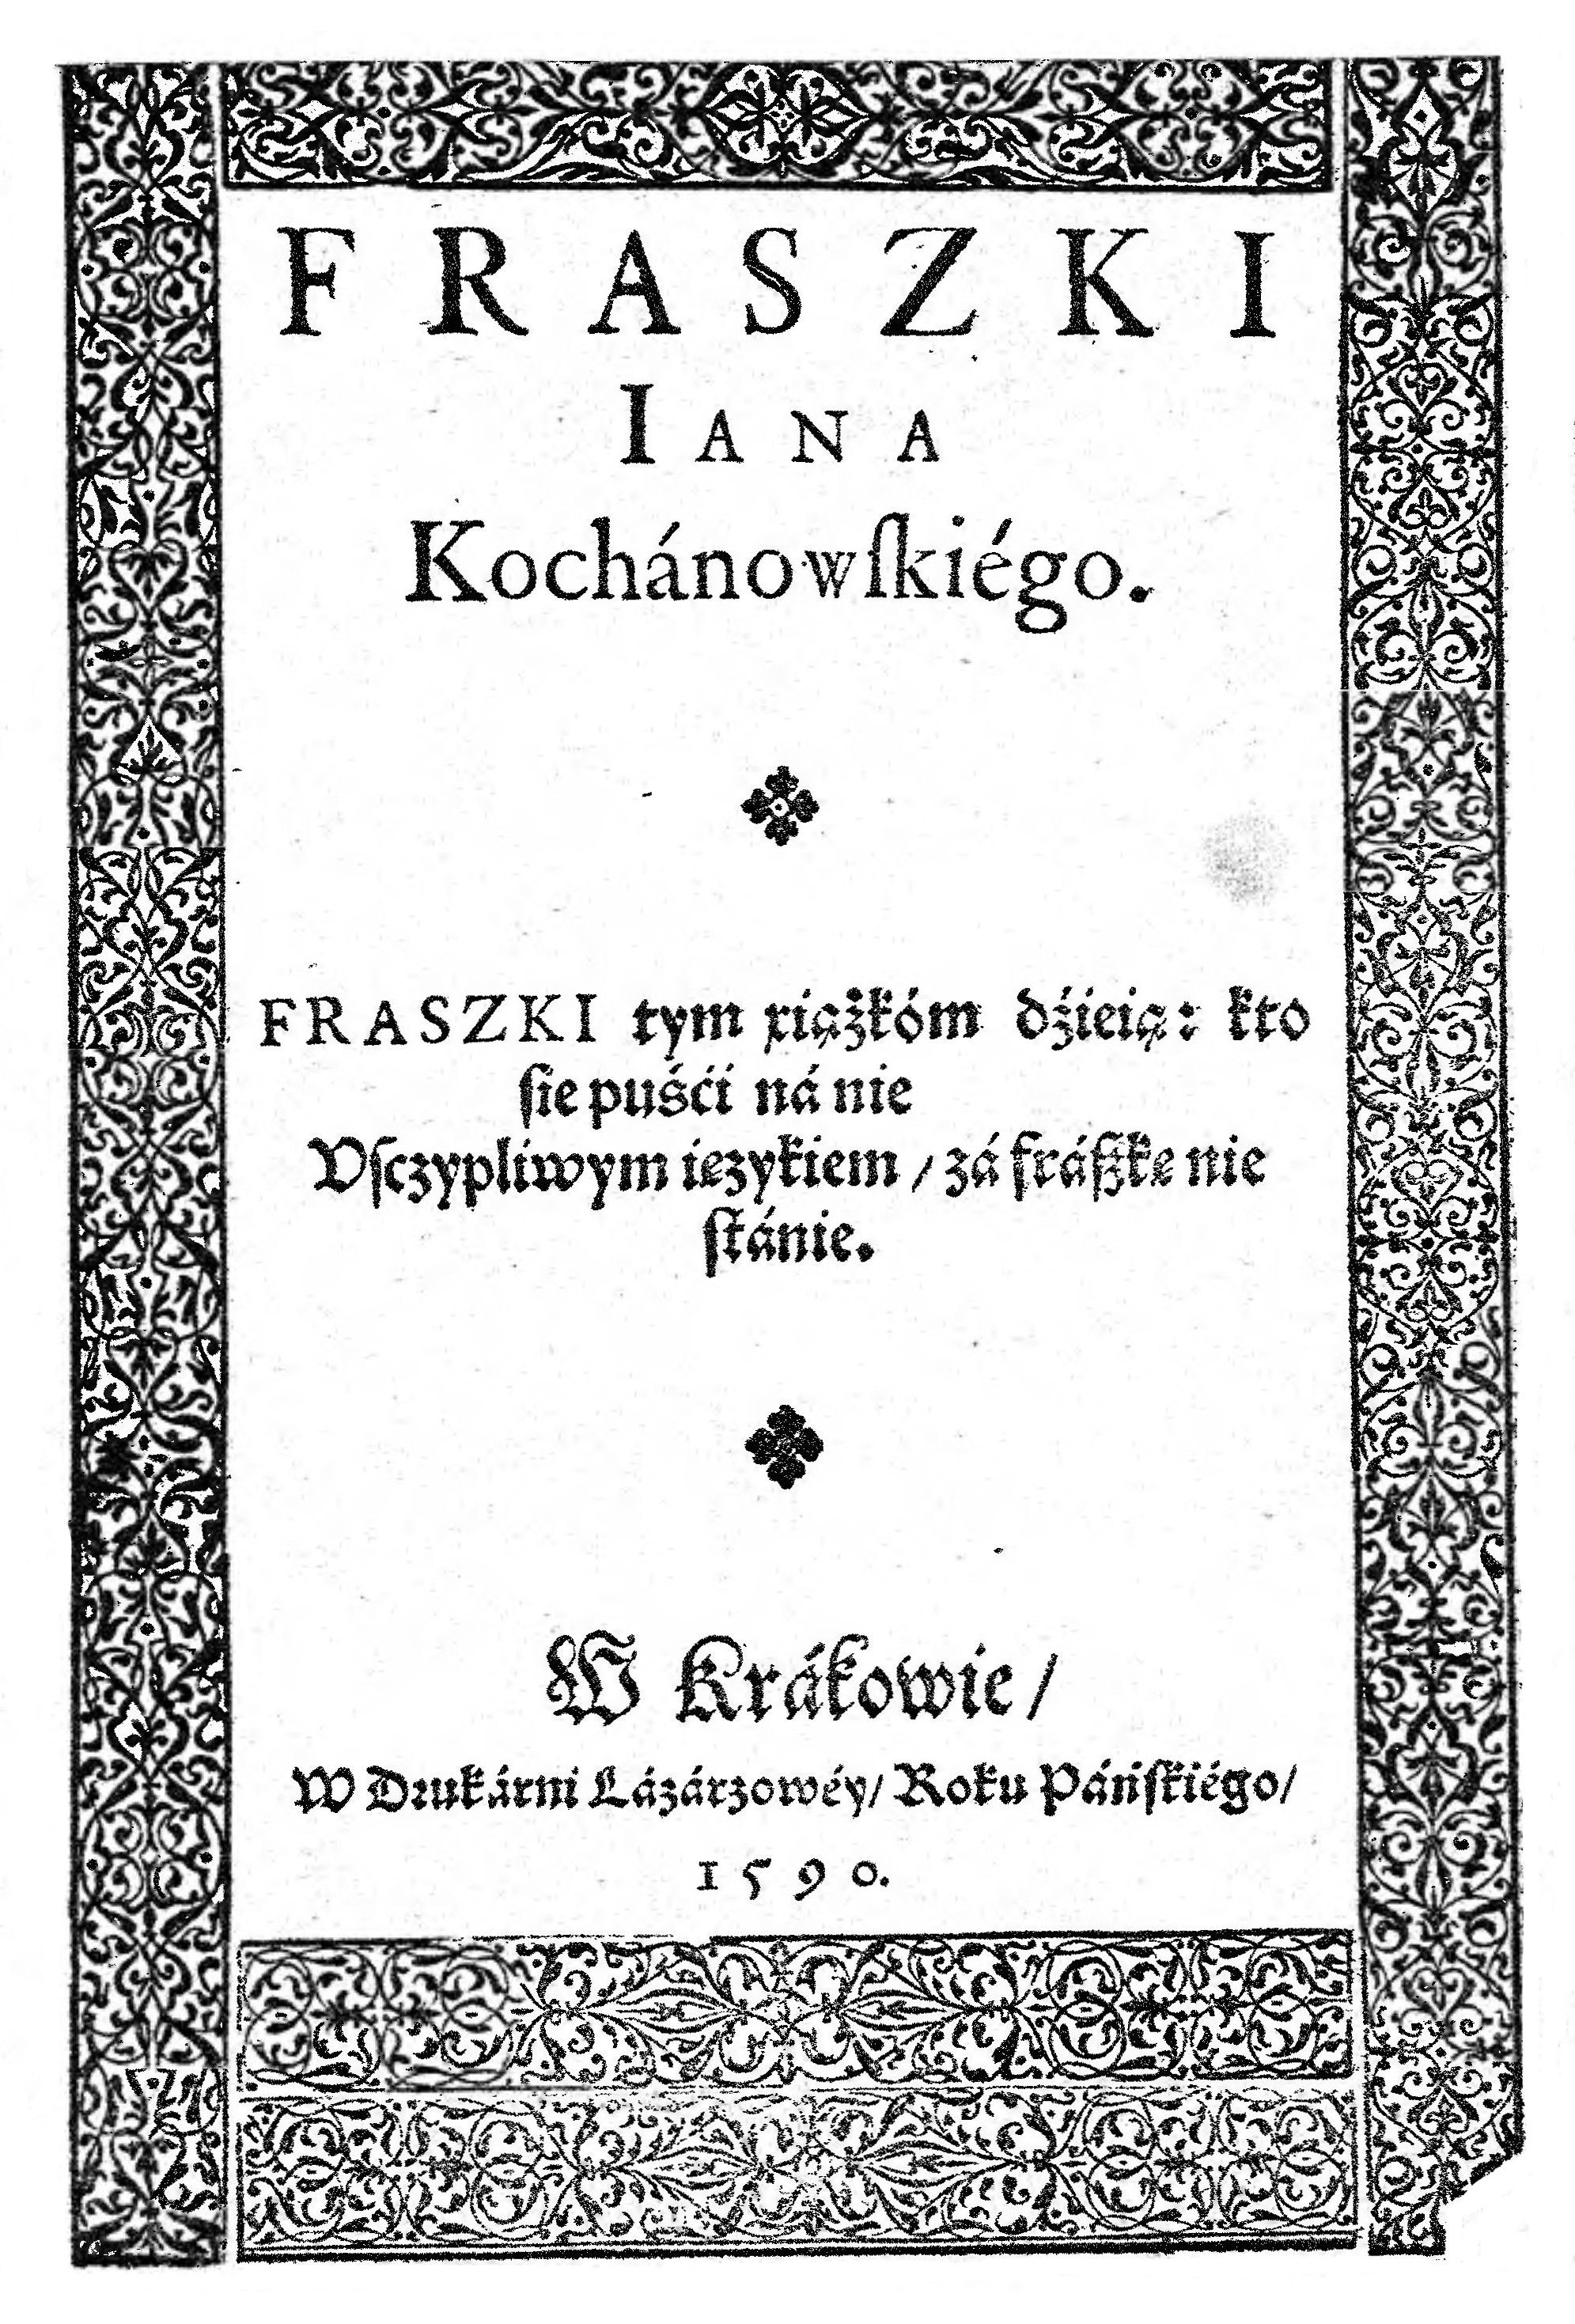 Fraszki Kochanowski Wikipedia Wolna Encyklopedia